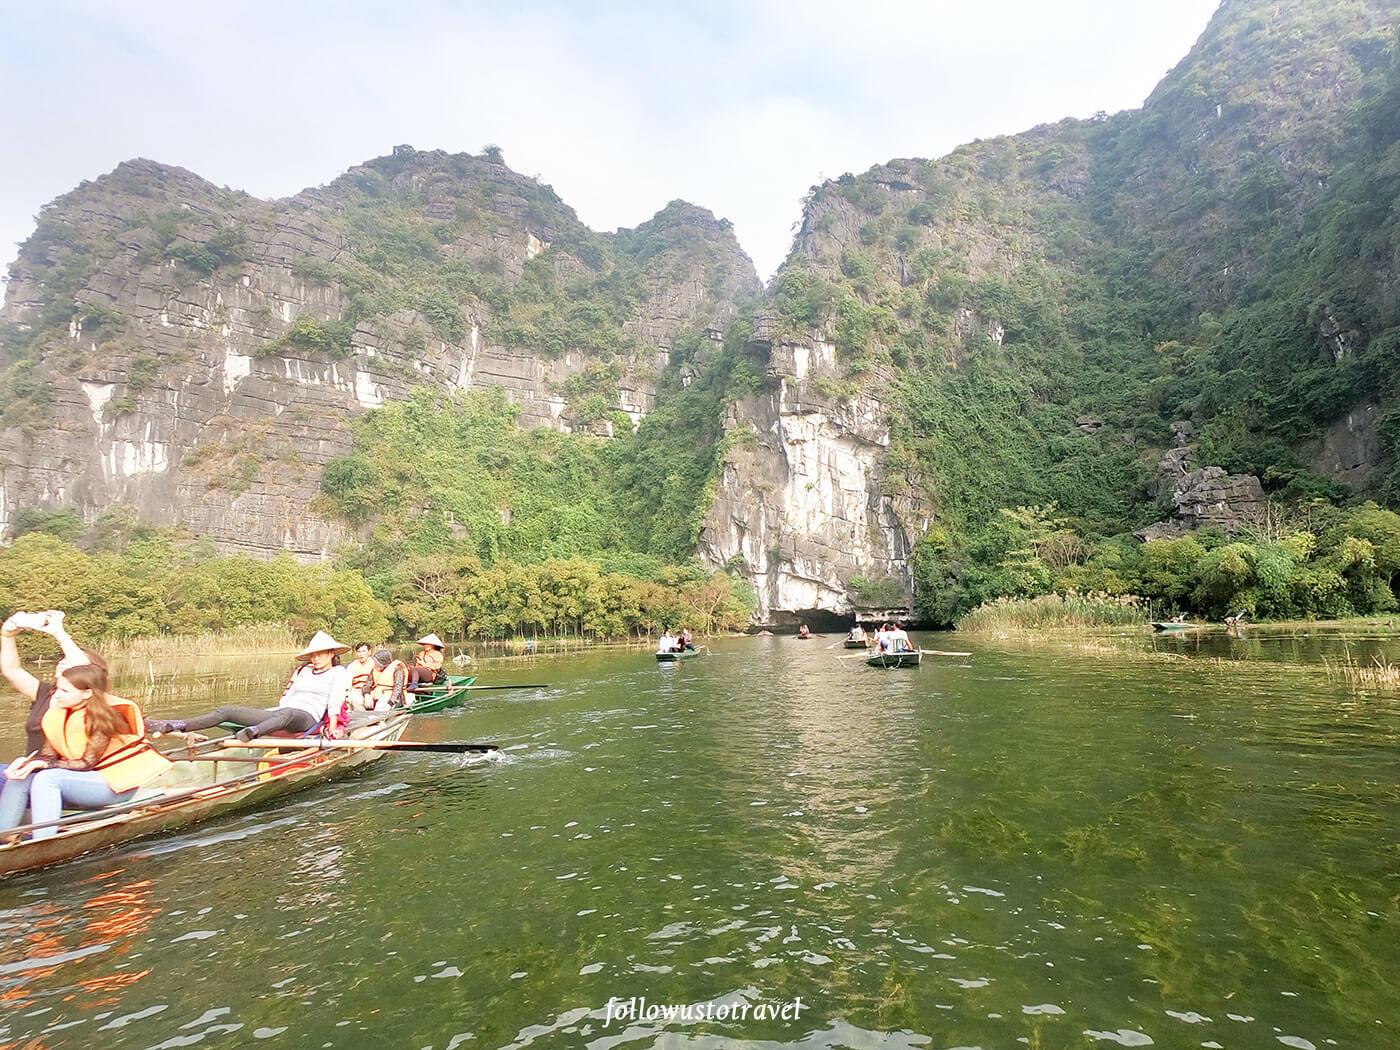 越南景点河内景点三谷